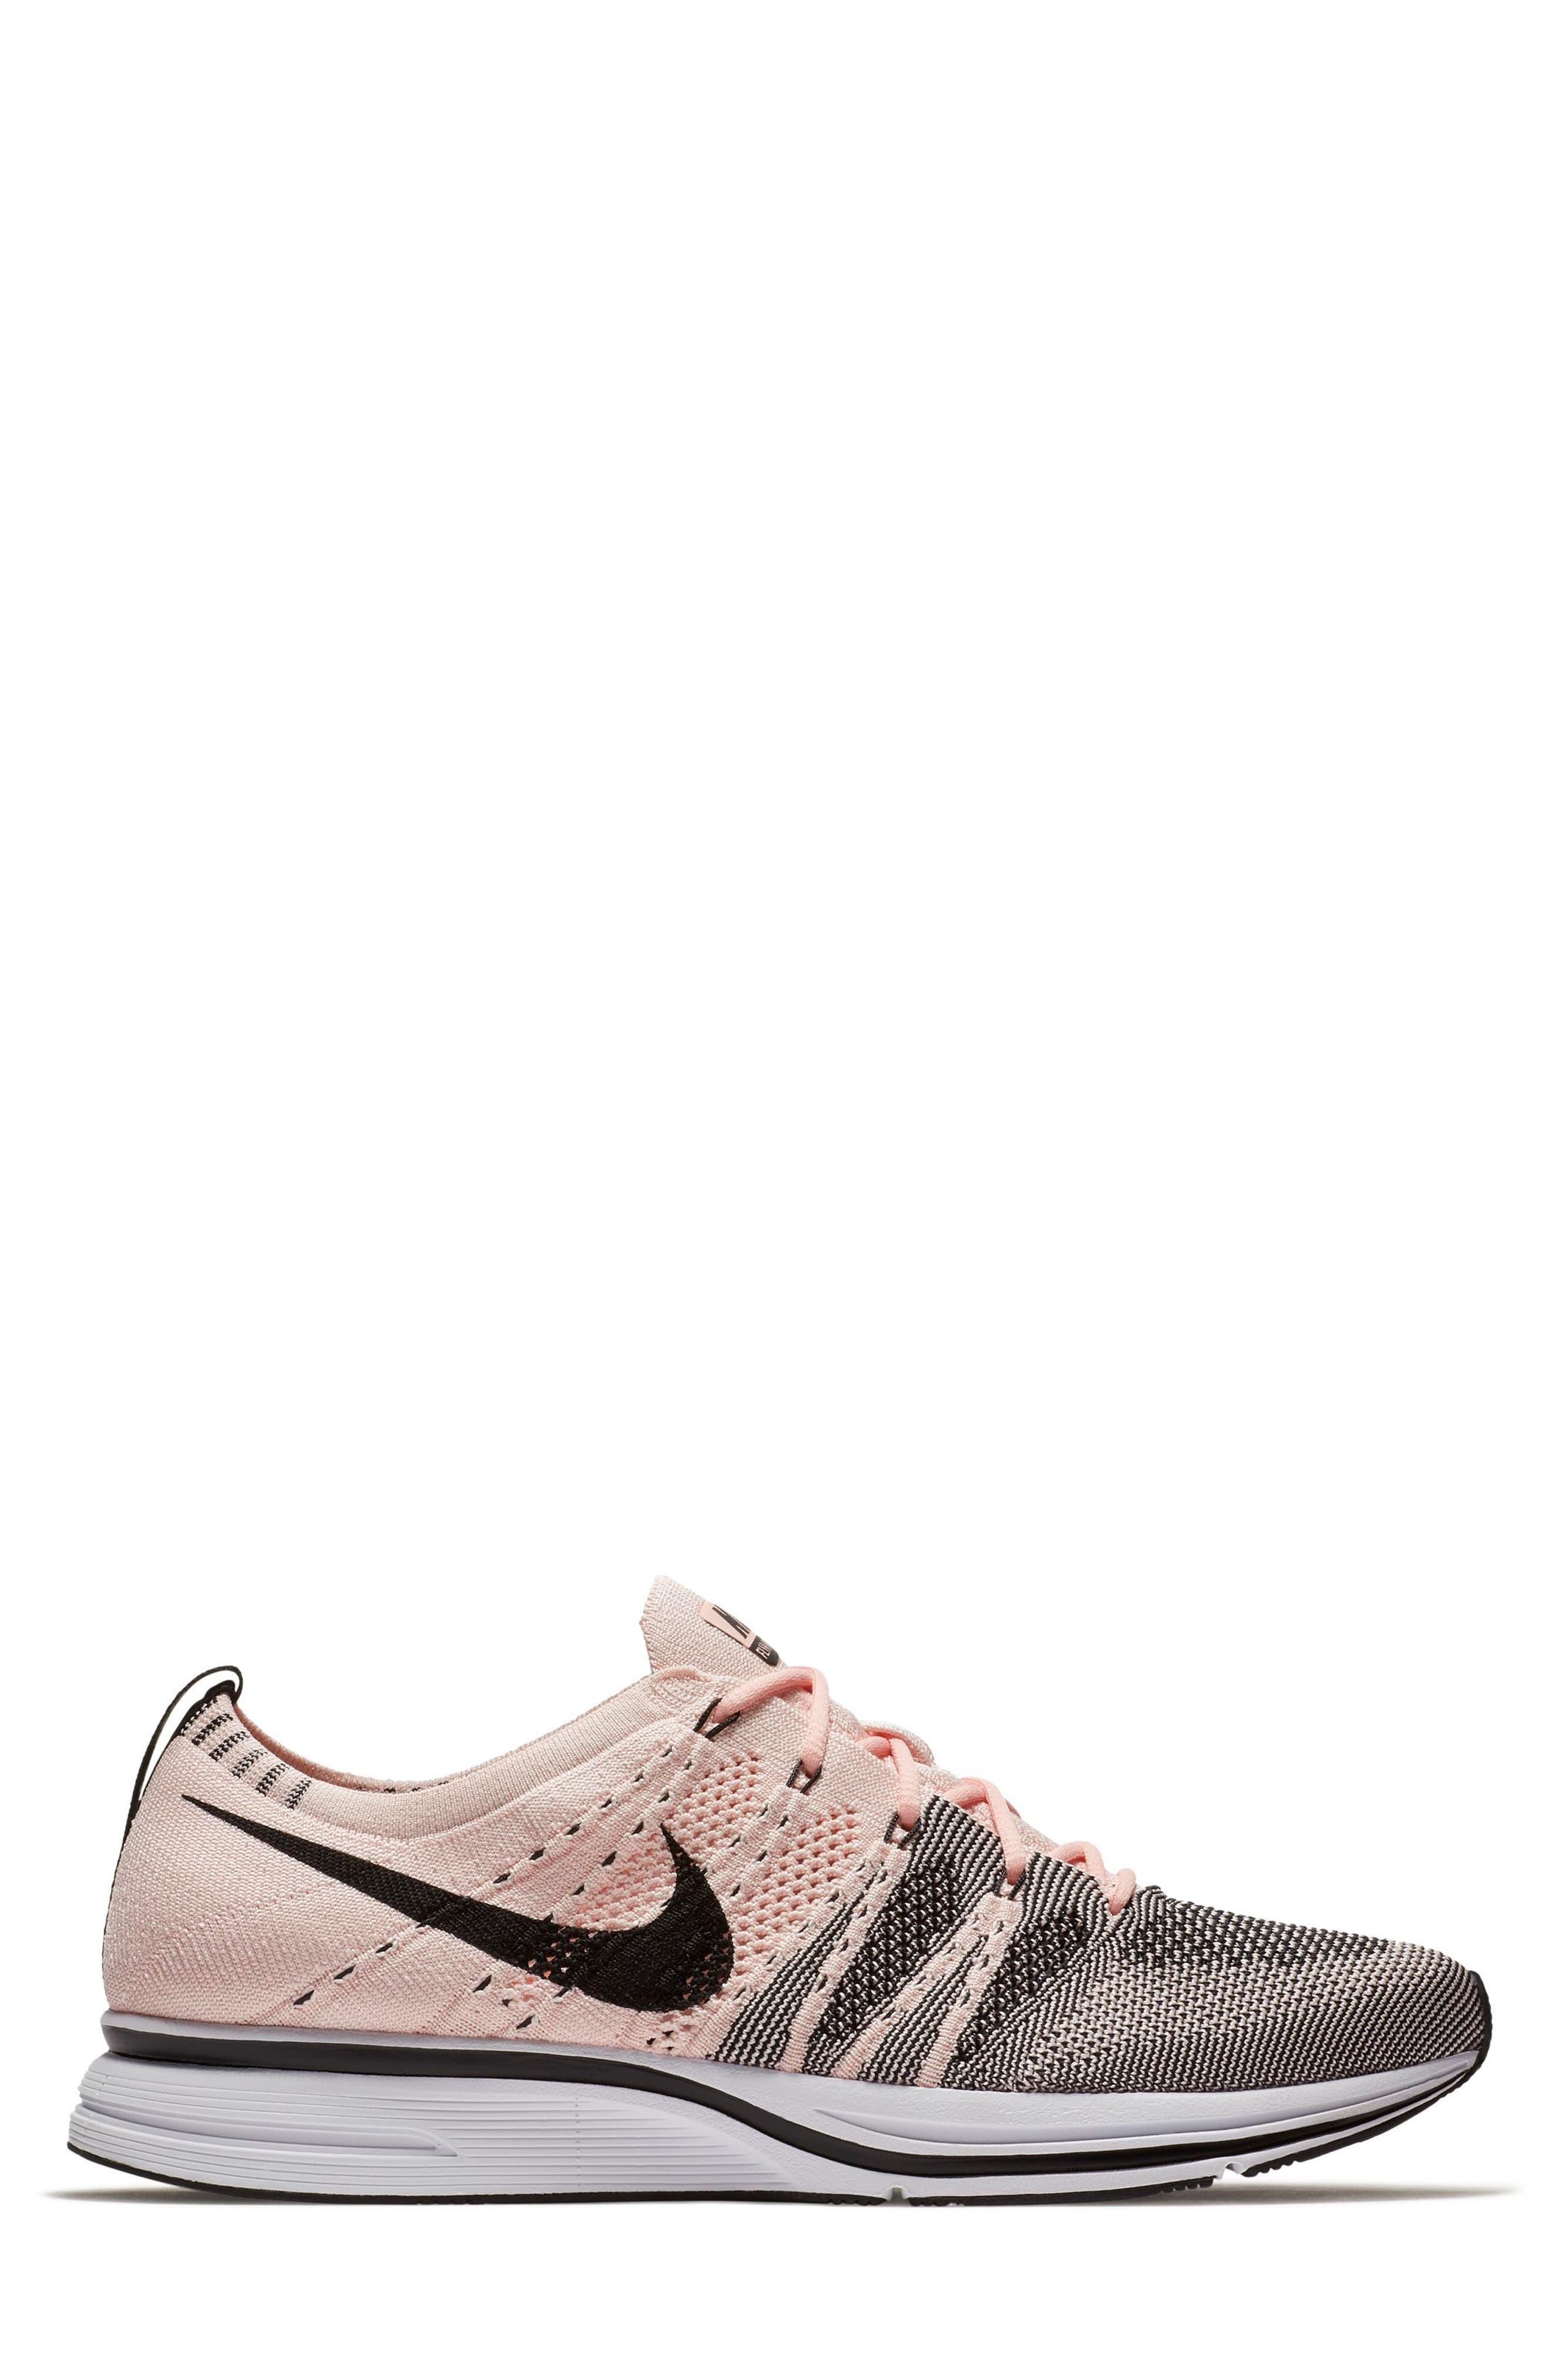 NikeLab Flyknit Trainer Sneaker,                             Alternate thumbnail 3, color,                             Sunset Tint/Black-White